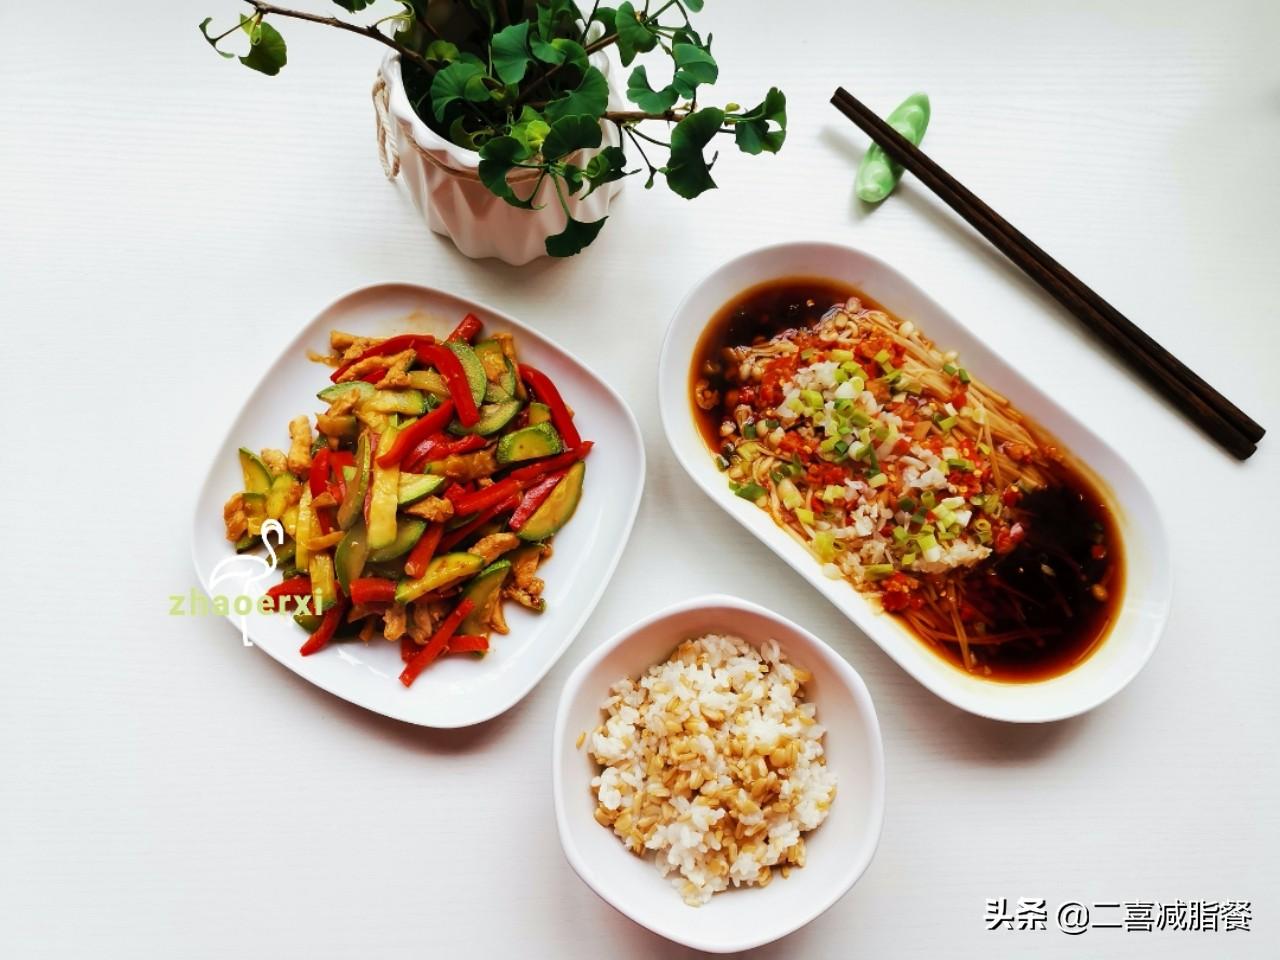 营养师3周的午餐食谱,营养均衡,荤素搭配 营养配餐 第11张